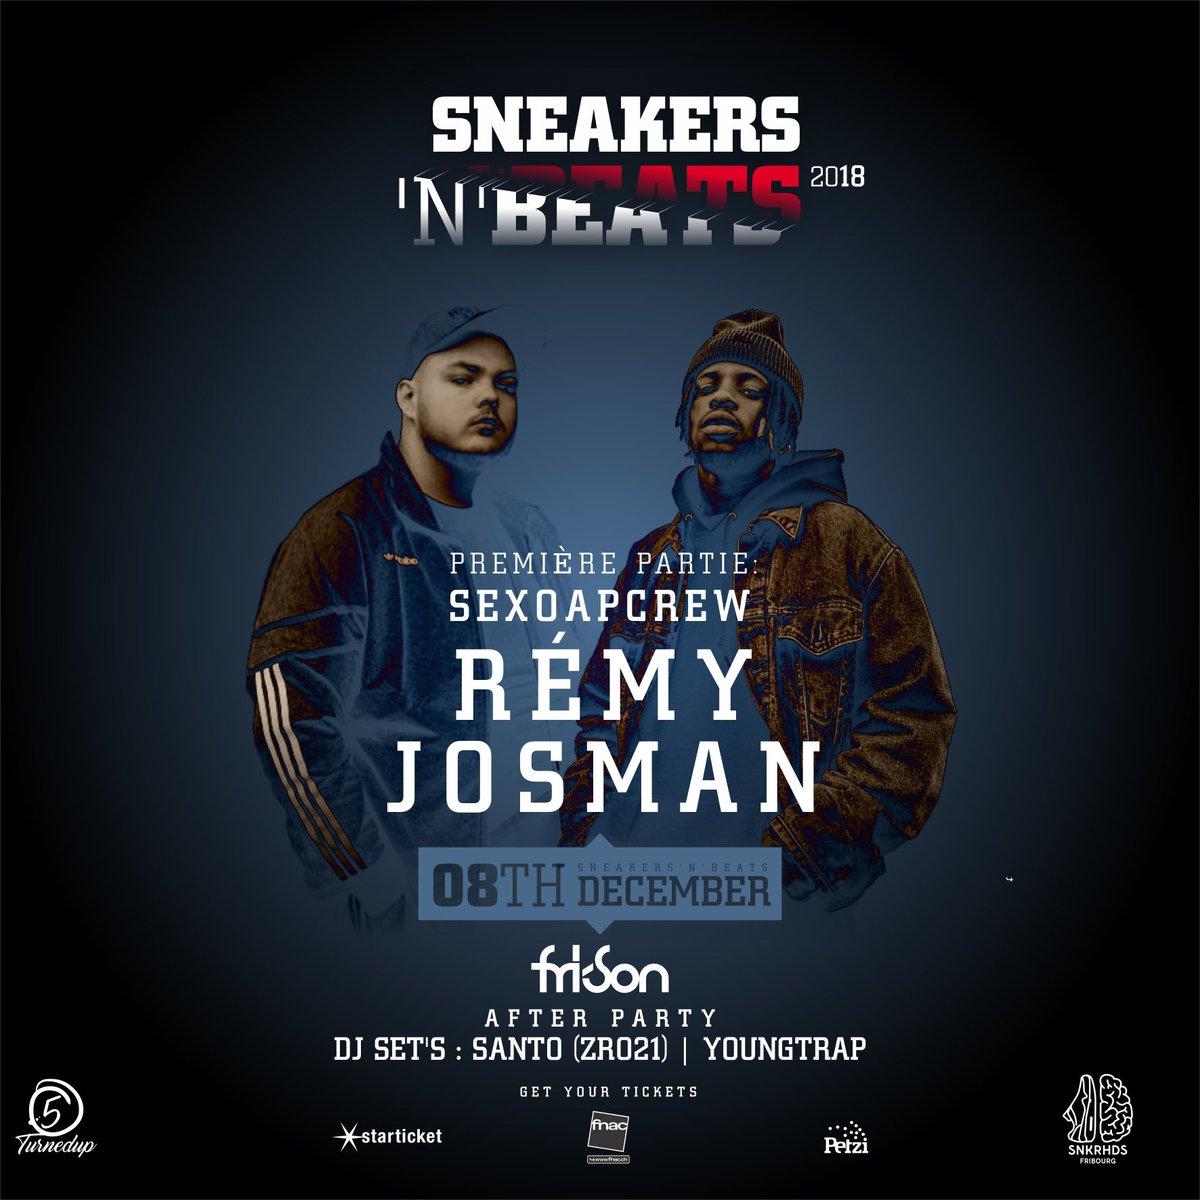 Retrouvez-moi le 8 décembre en compagnie de @JosmanOG pour la soirée Sneakers'N'Beats 2018 🔥